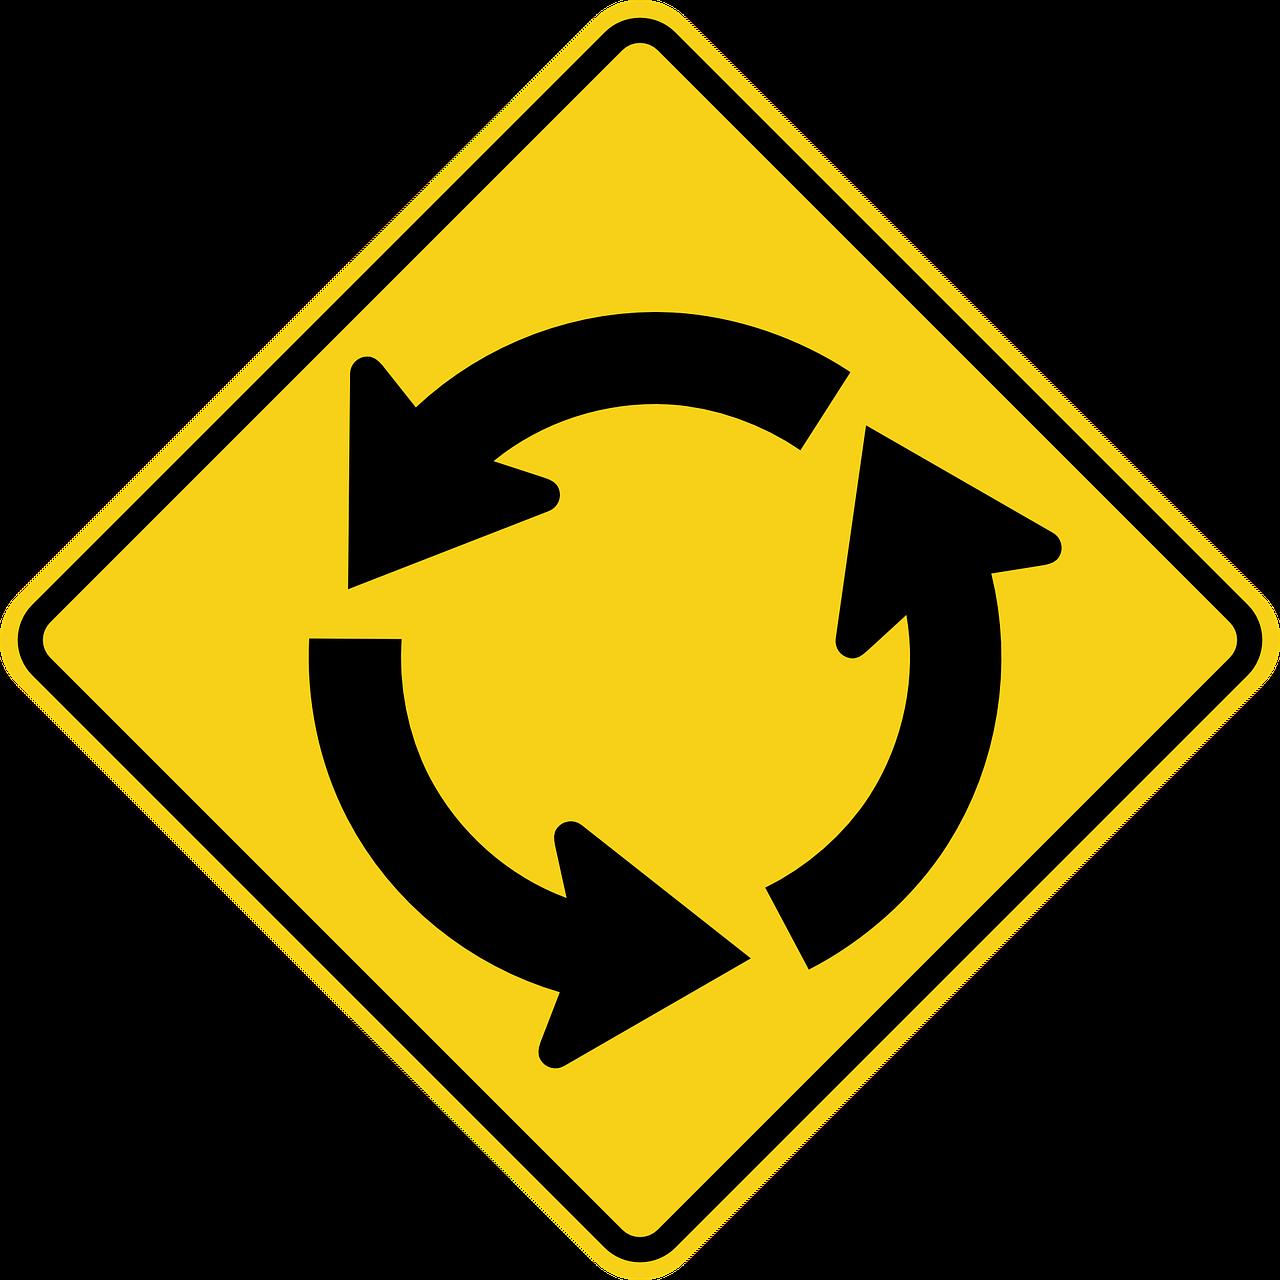 Roundabout 39394 1280